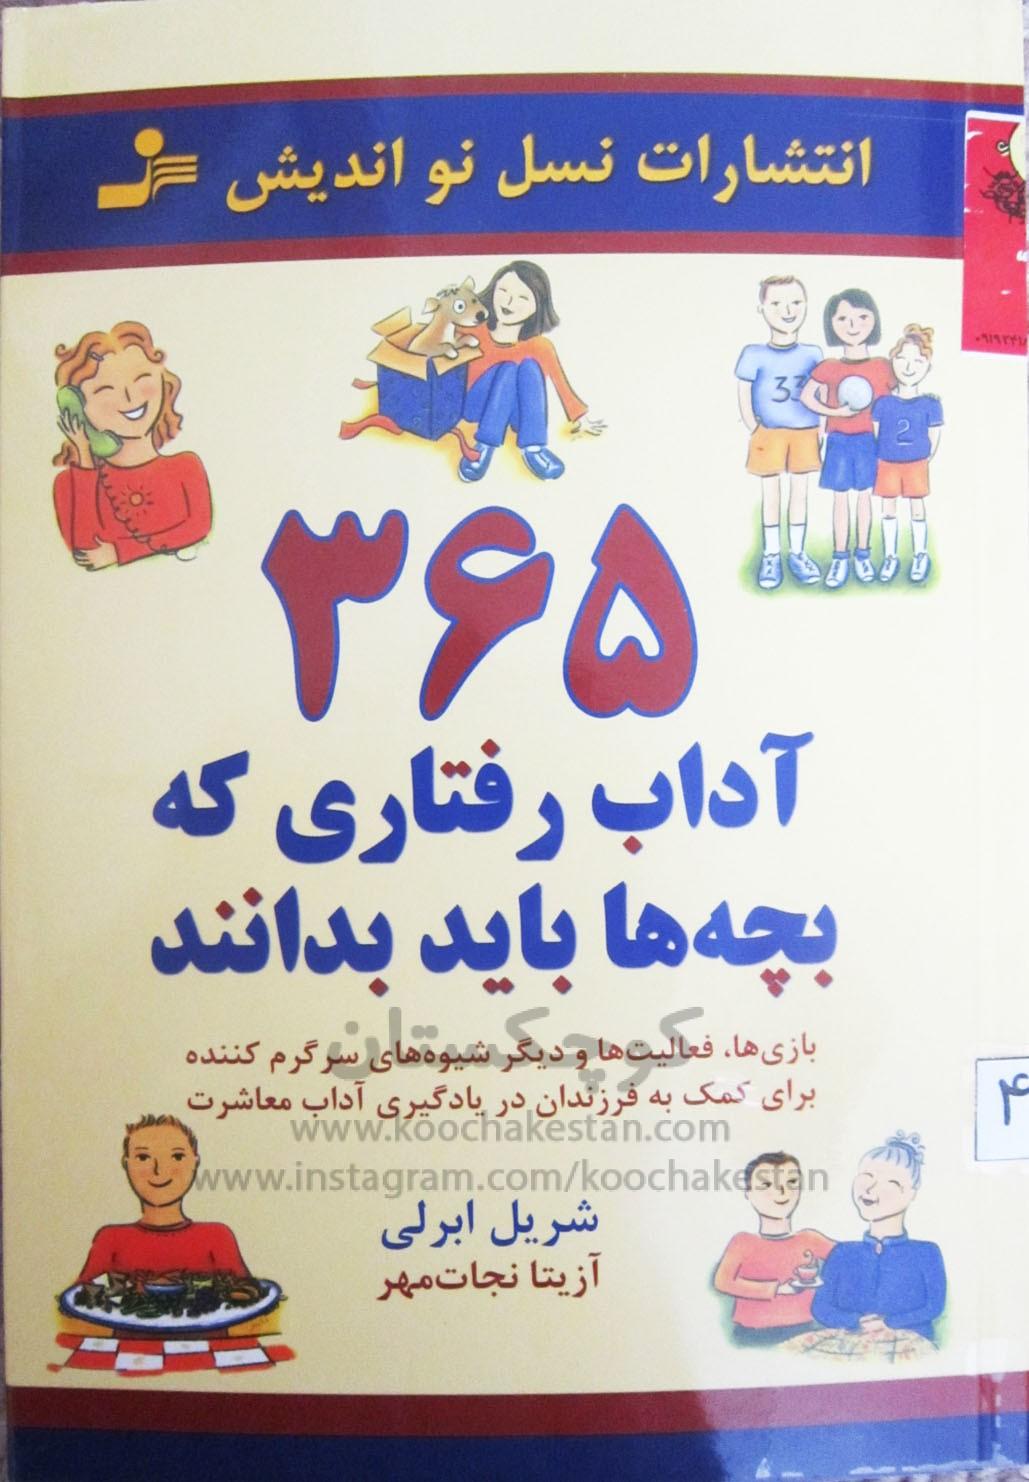 365 آداب رفتاری که بچه ها باید بدانند - کتابخانه کودک - کوچکستان